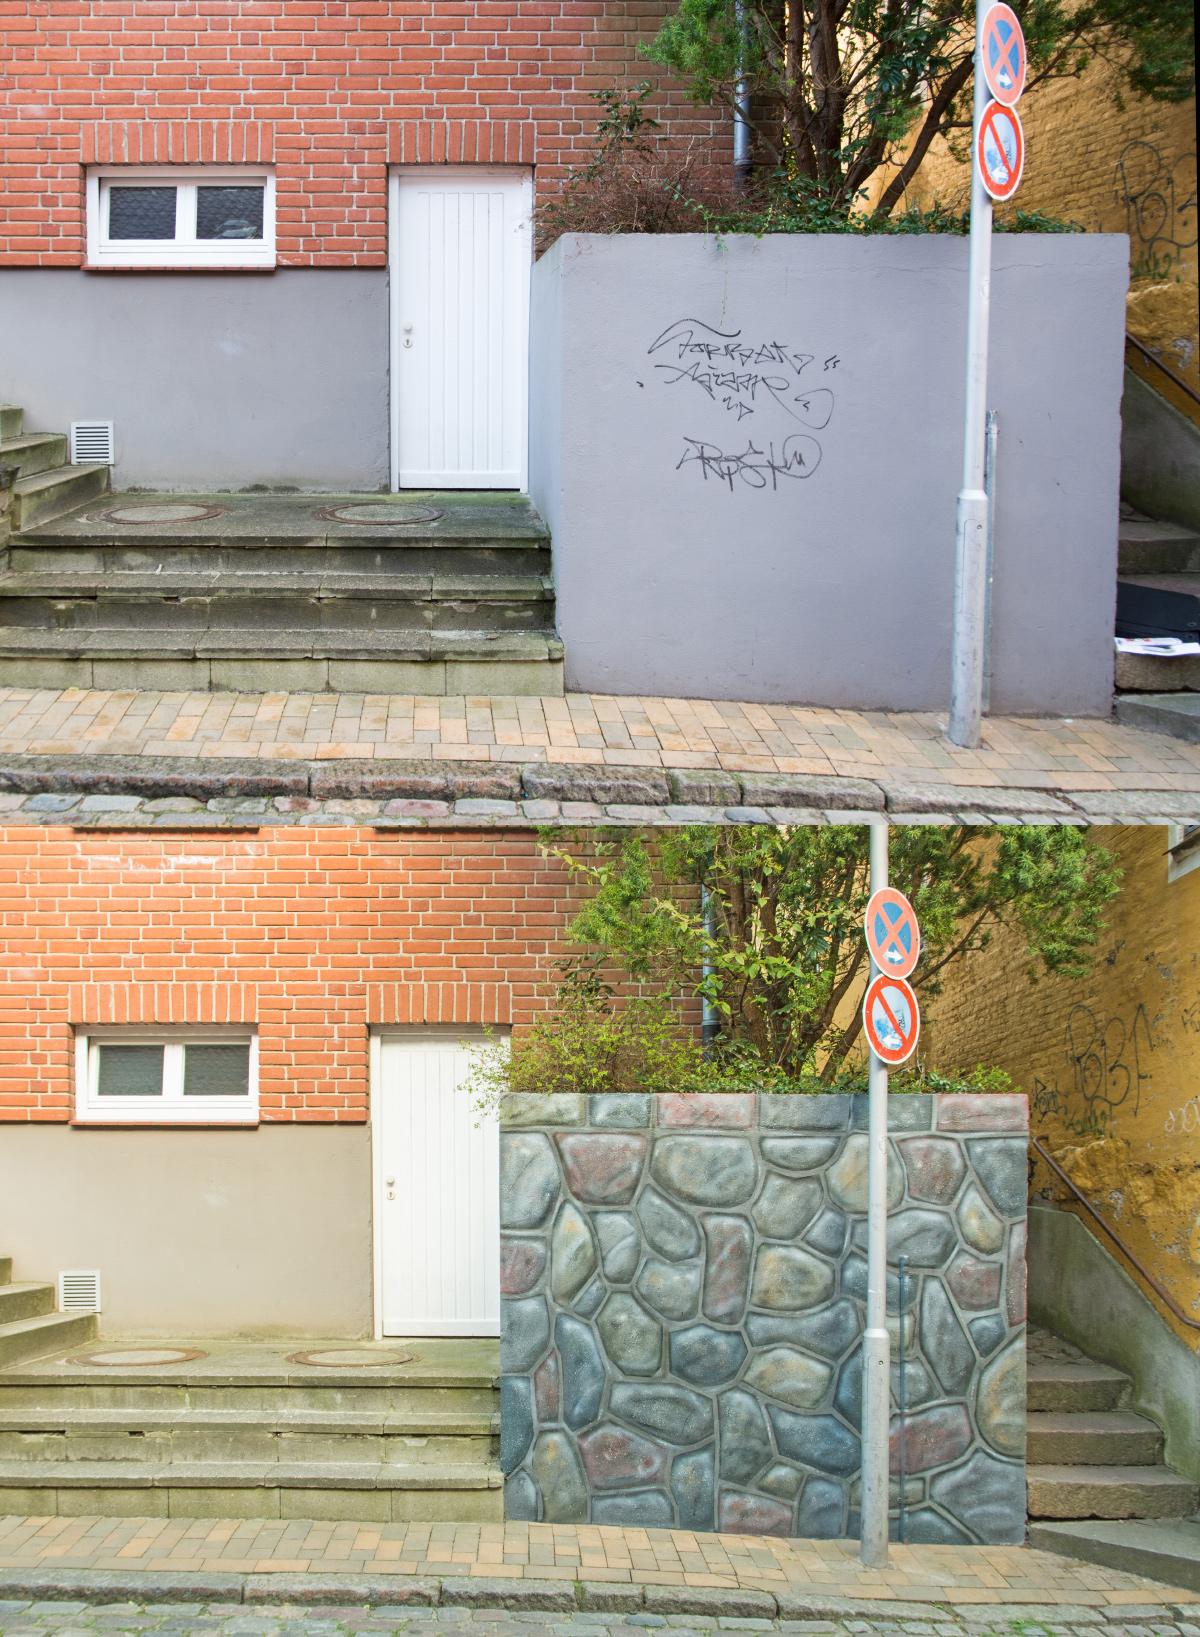 Illusionsmalere_-Graffiti_-Steinmauer_Hamburg_vorher_nachher